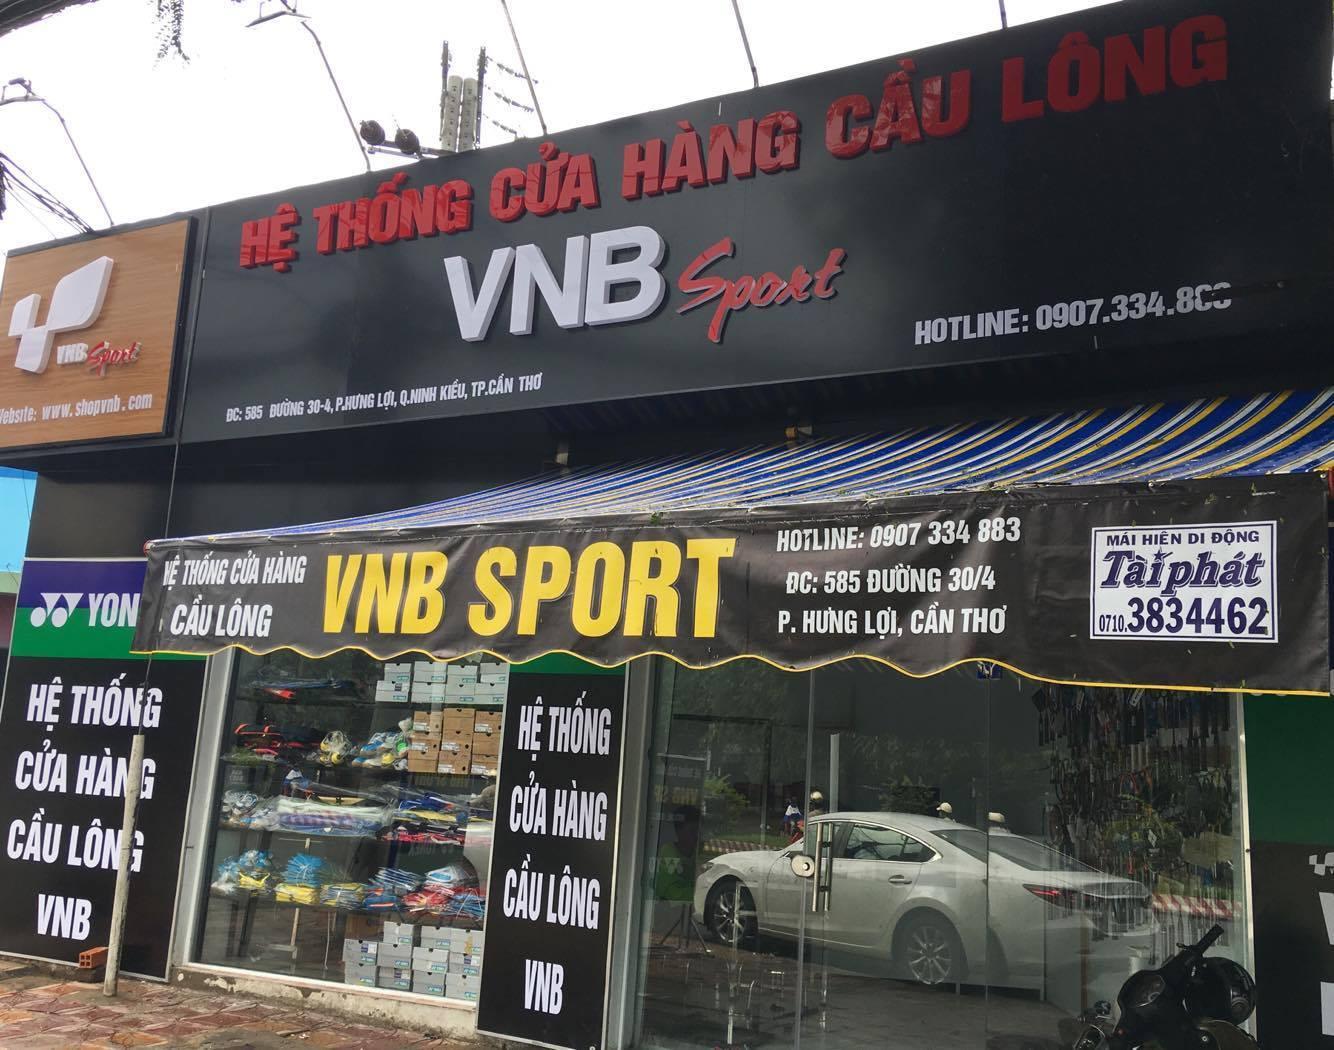 Được xem là nơi cung cấp giá vợt cầu lông các loại tốt nhất thị trường. Ảnh: ShopVNB.